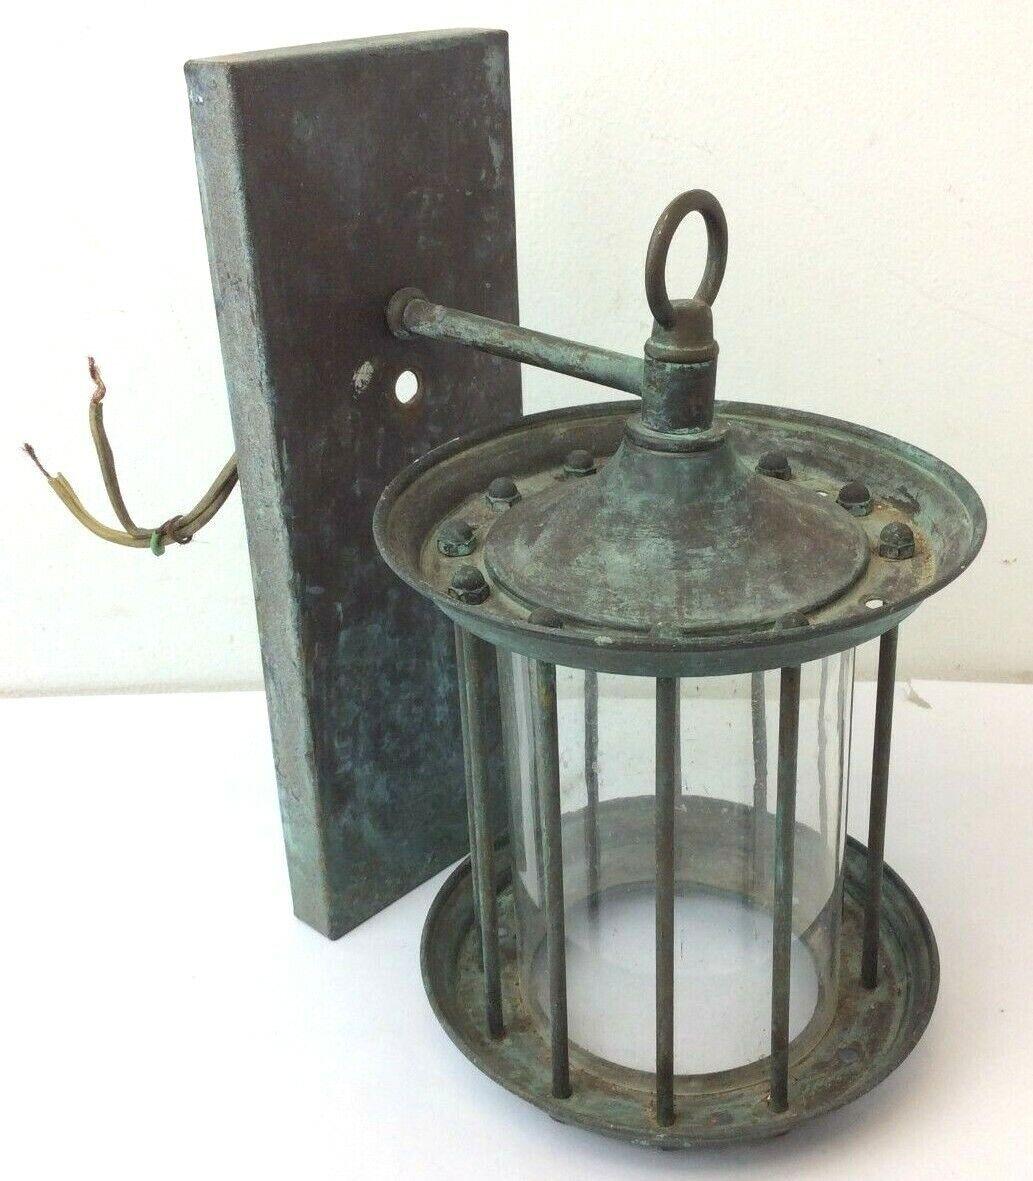 Verwitter Metall Messing Caged Elektrisch Außen Globus Parts